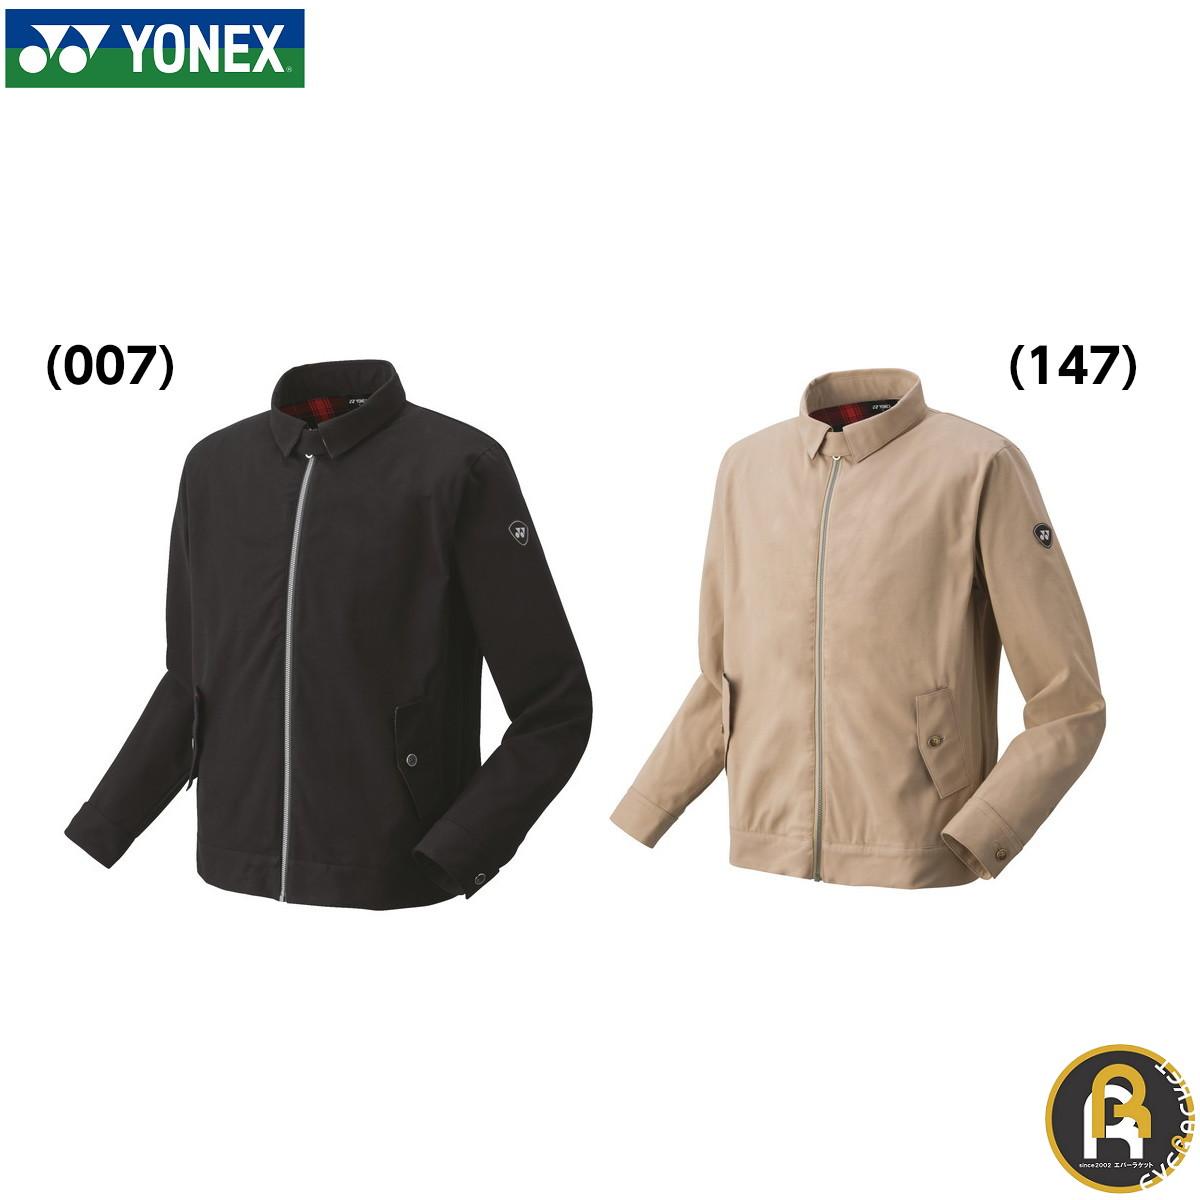 ヨネックス YONEX ウエア メンズジャケット 50098 バドミントン ソフトテニス